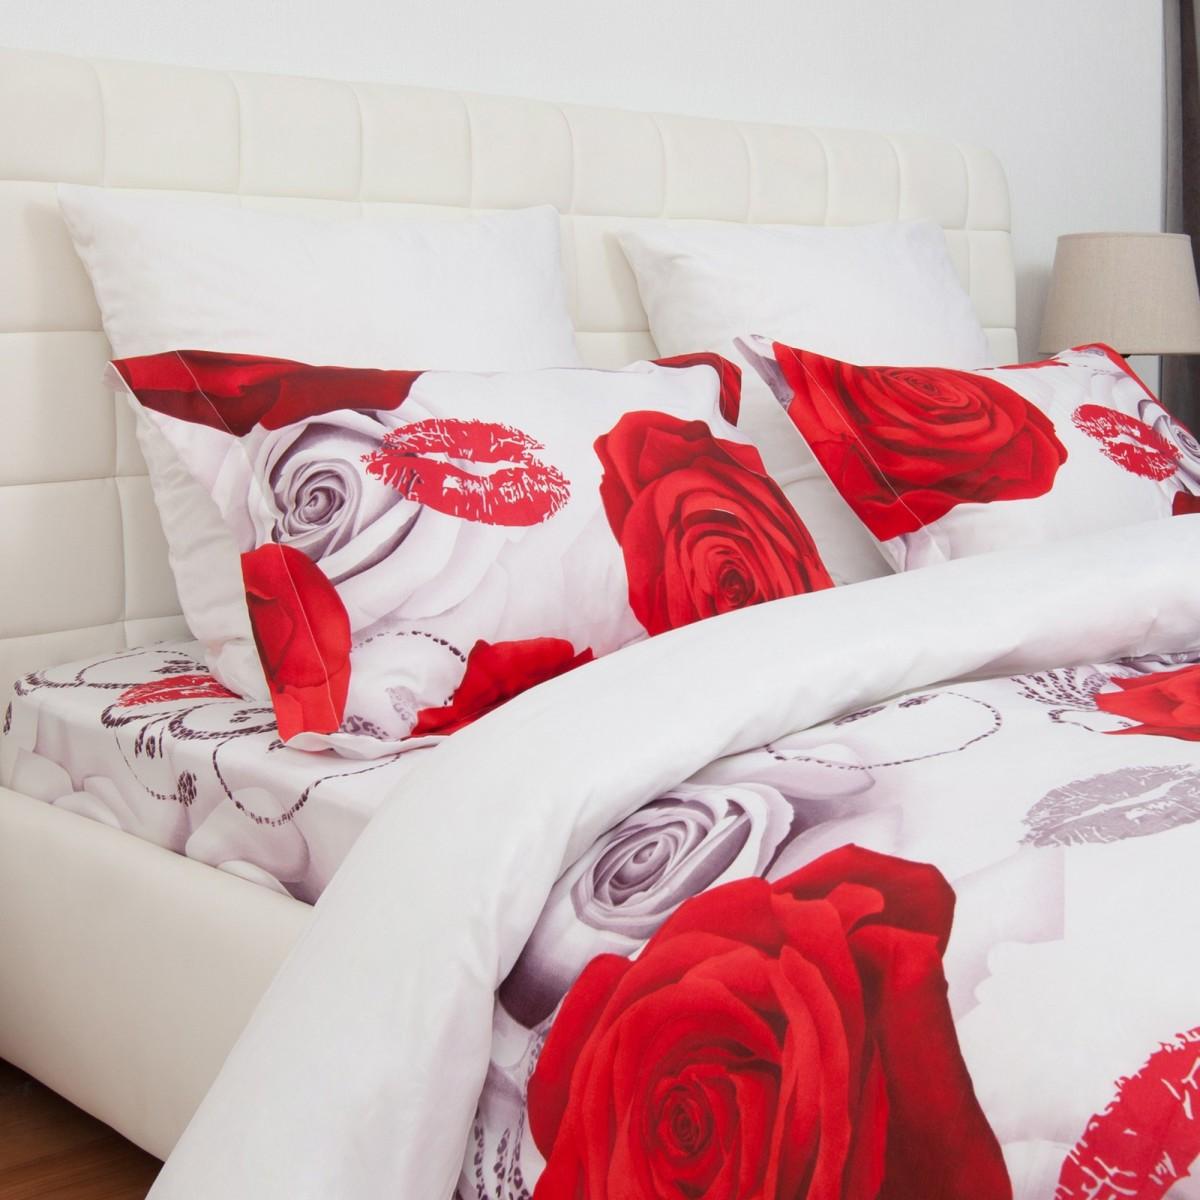 Комплект Постельного Белья Роза Букет Евро Микрофибра